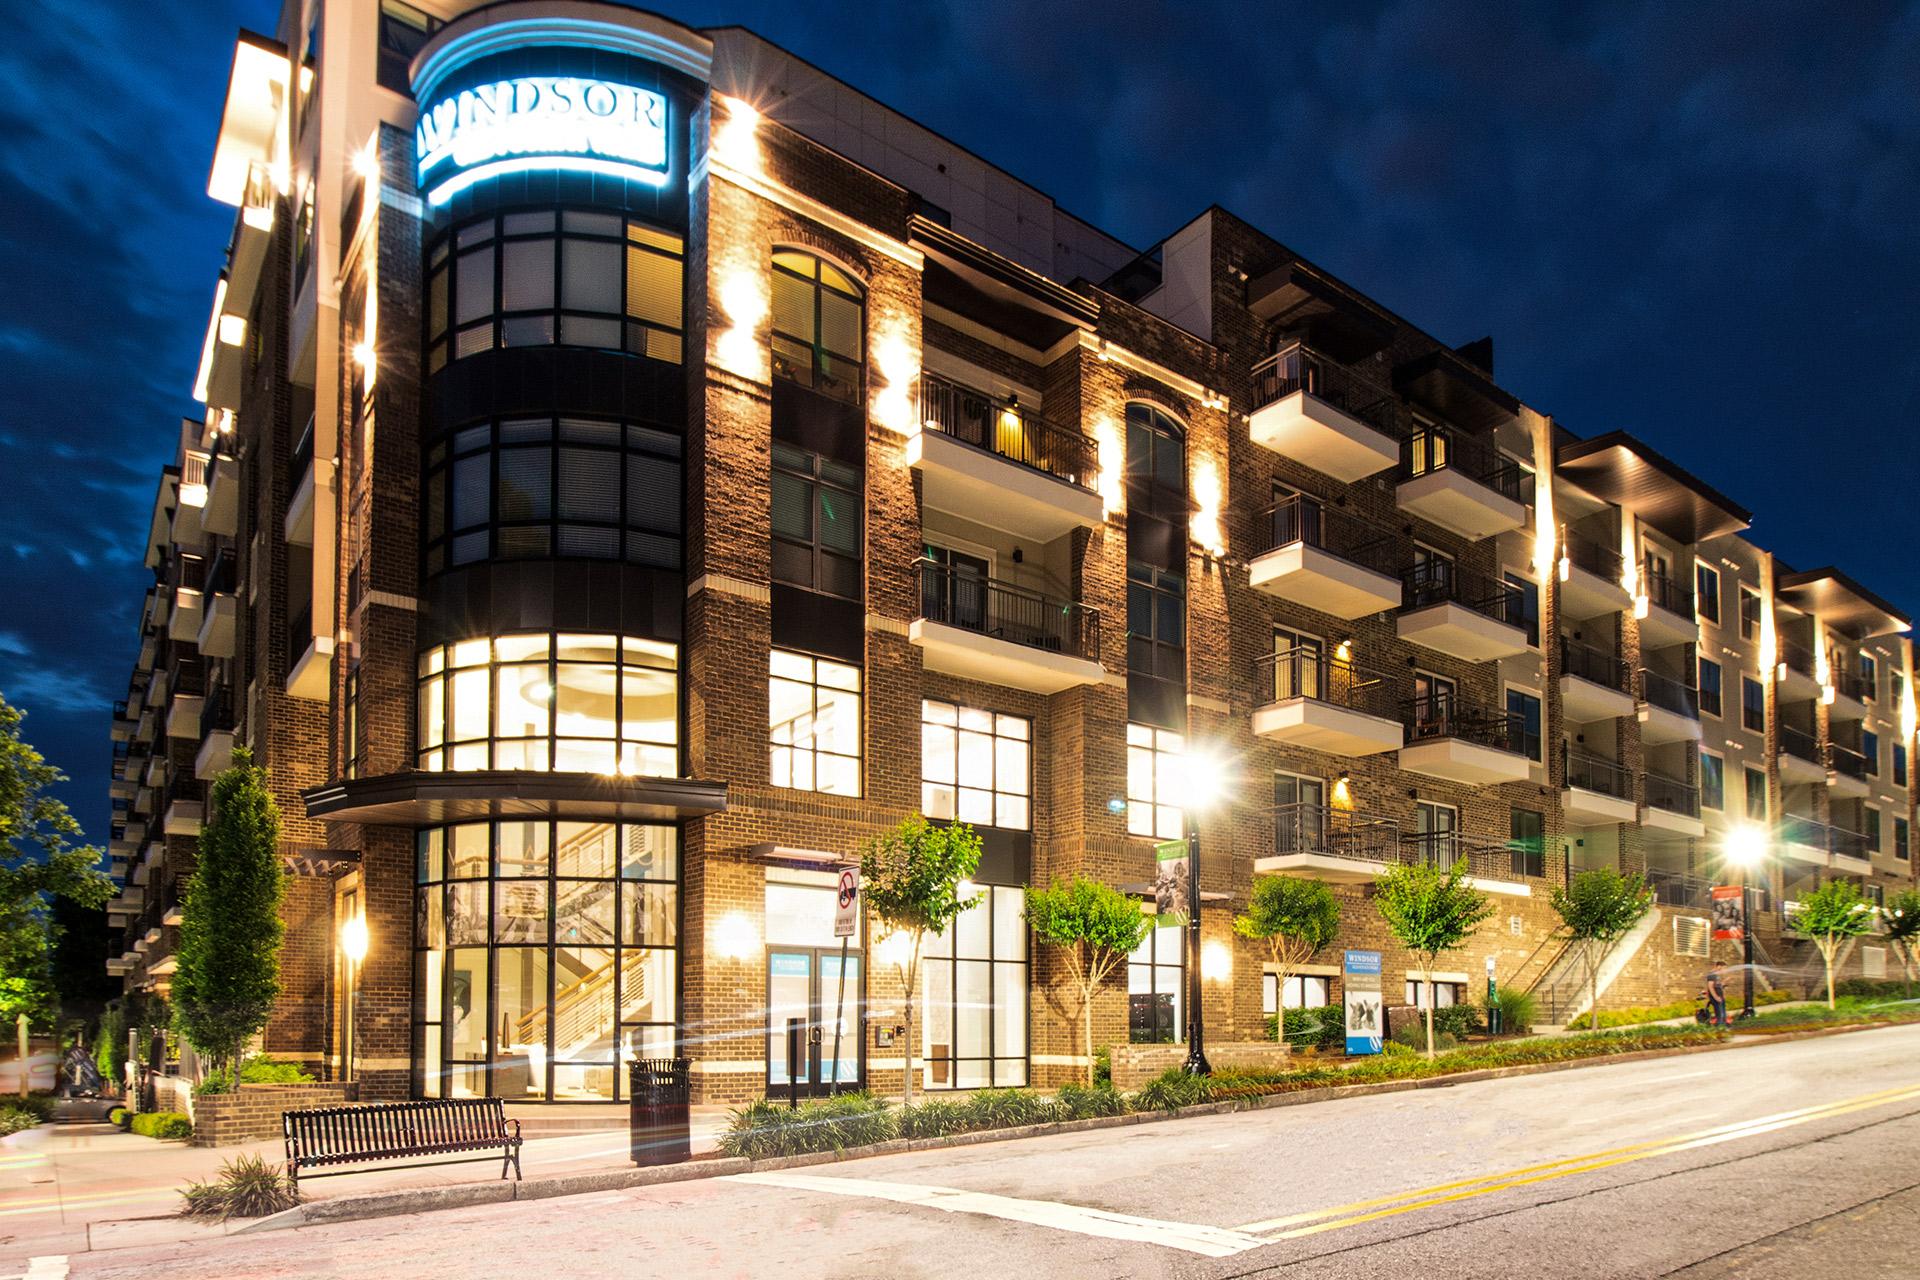 Windsor Old Fourth Ward rental